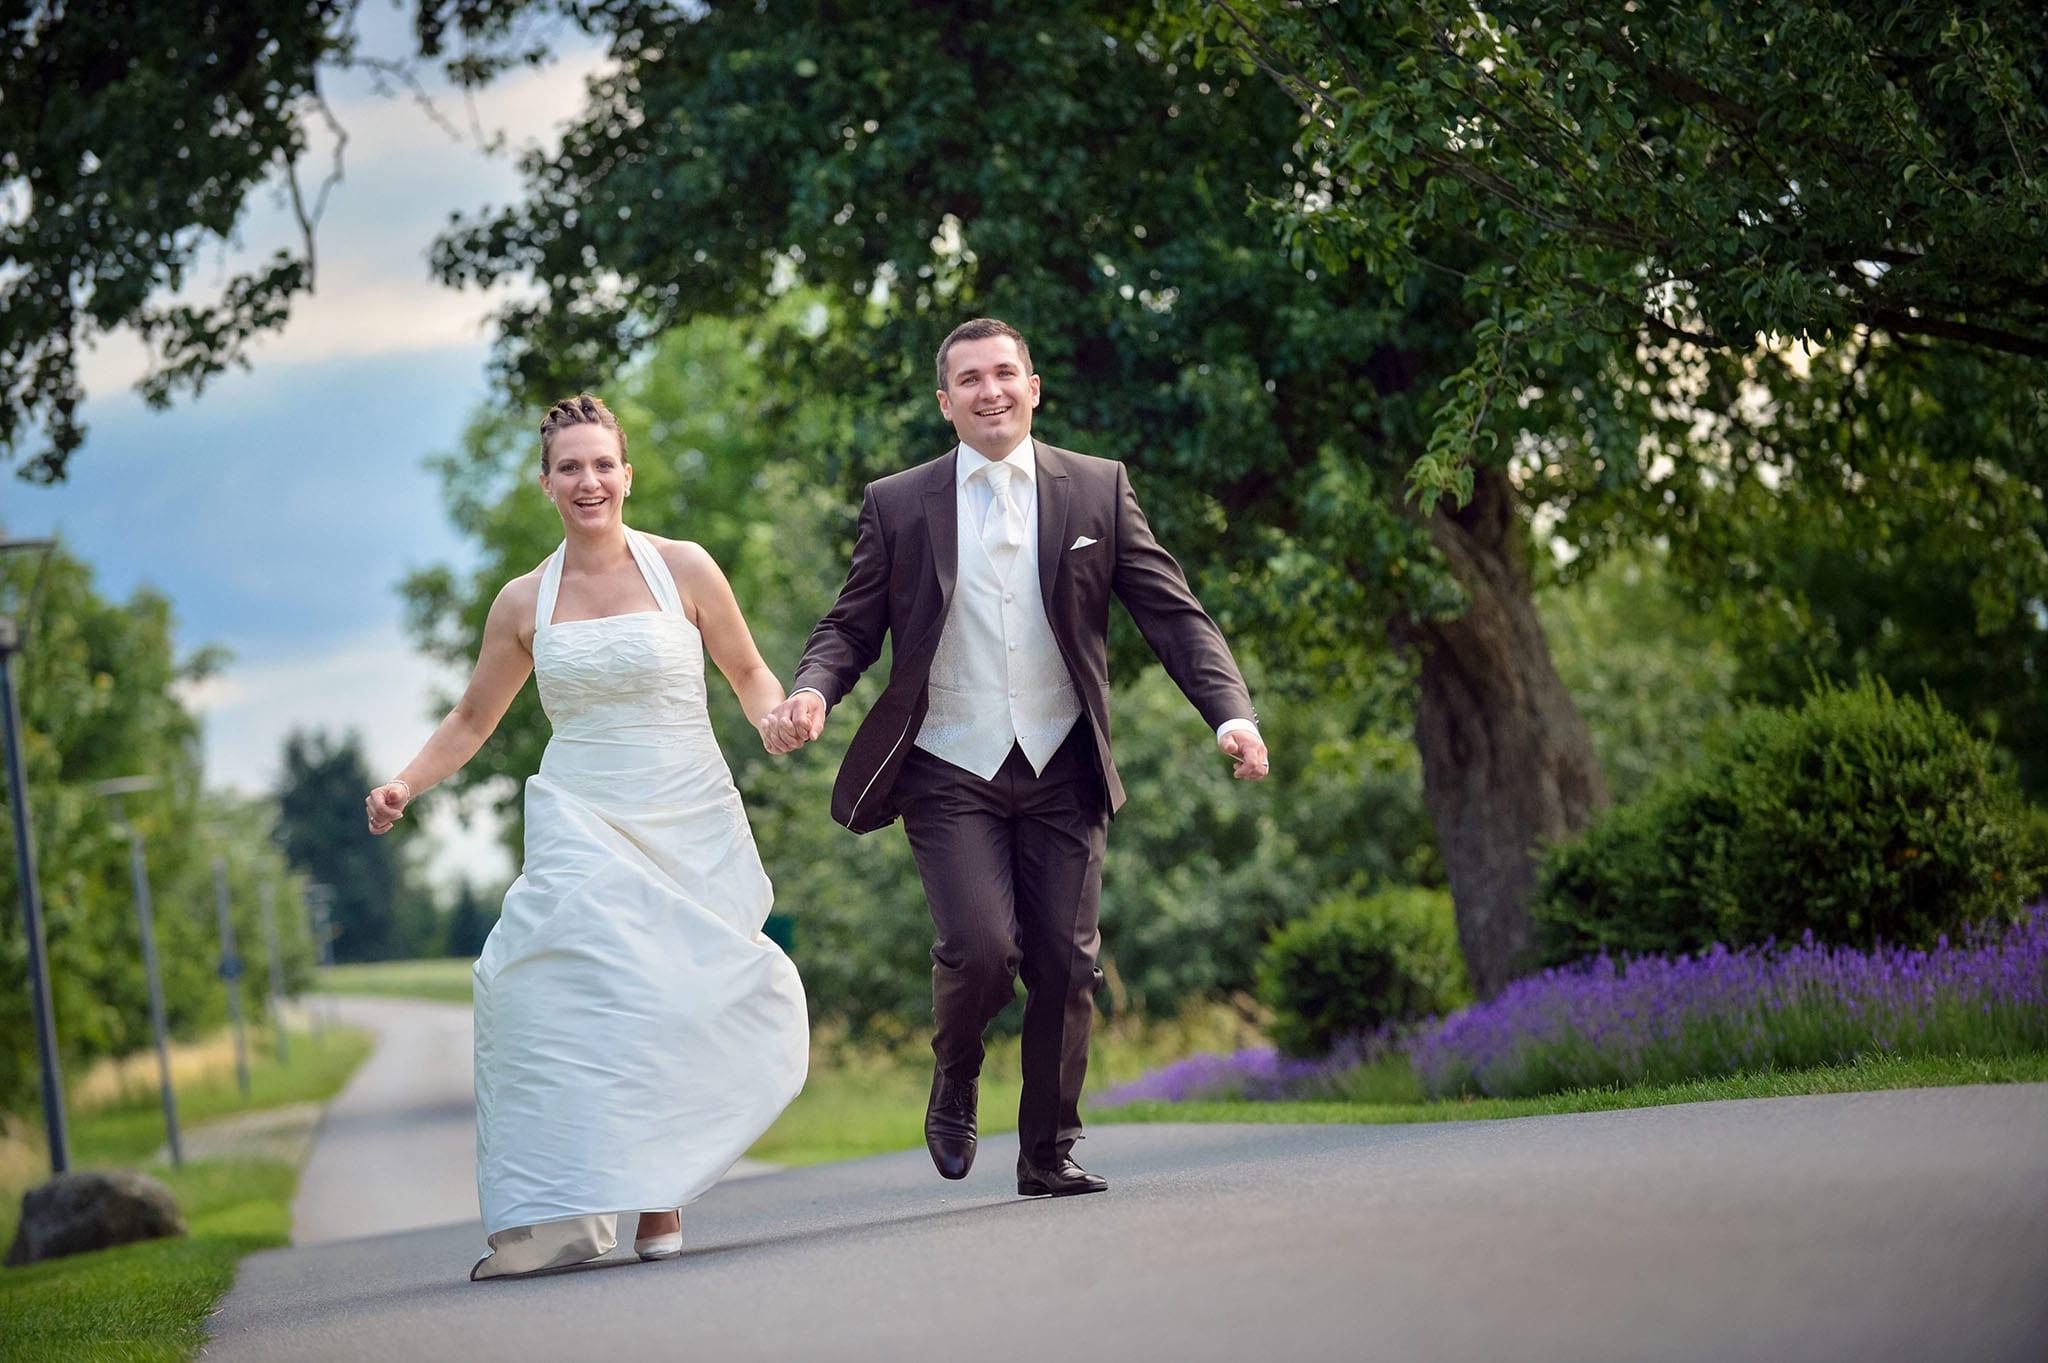 Hochzeit 018 Brautpaar Braut Bräutigam Hochzeit heiraten Foto Hochzeitsfoto Ehe Brautkleid Anzug Hochzeitsfotografie Daniel Fuss Fotografie